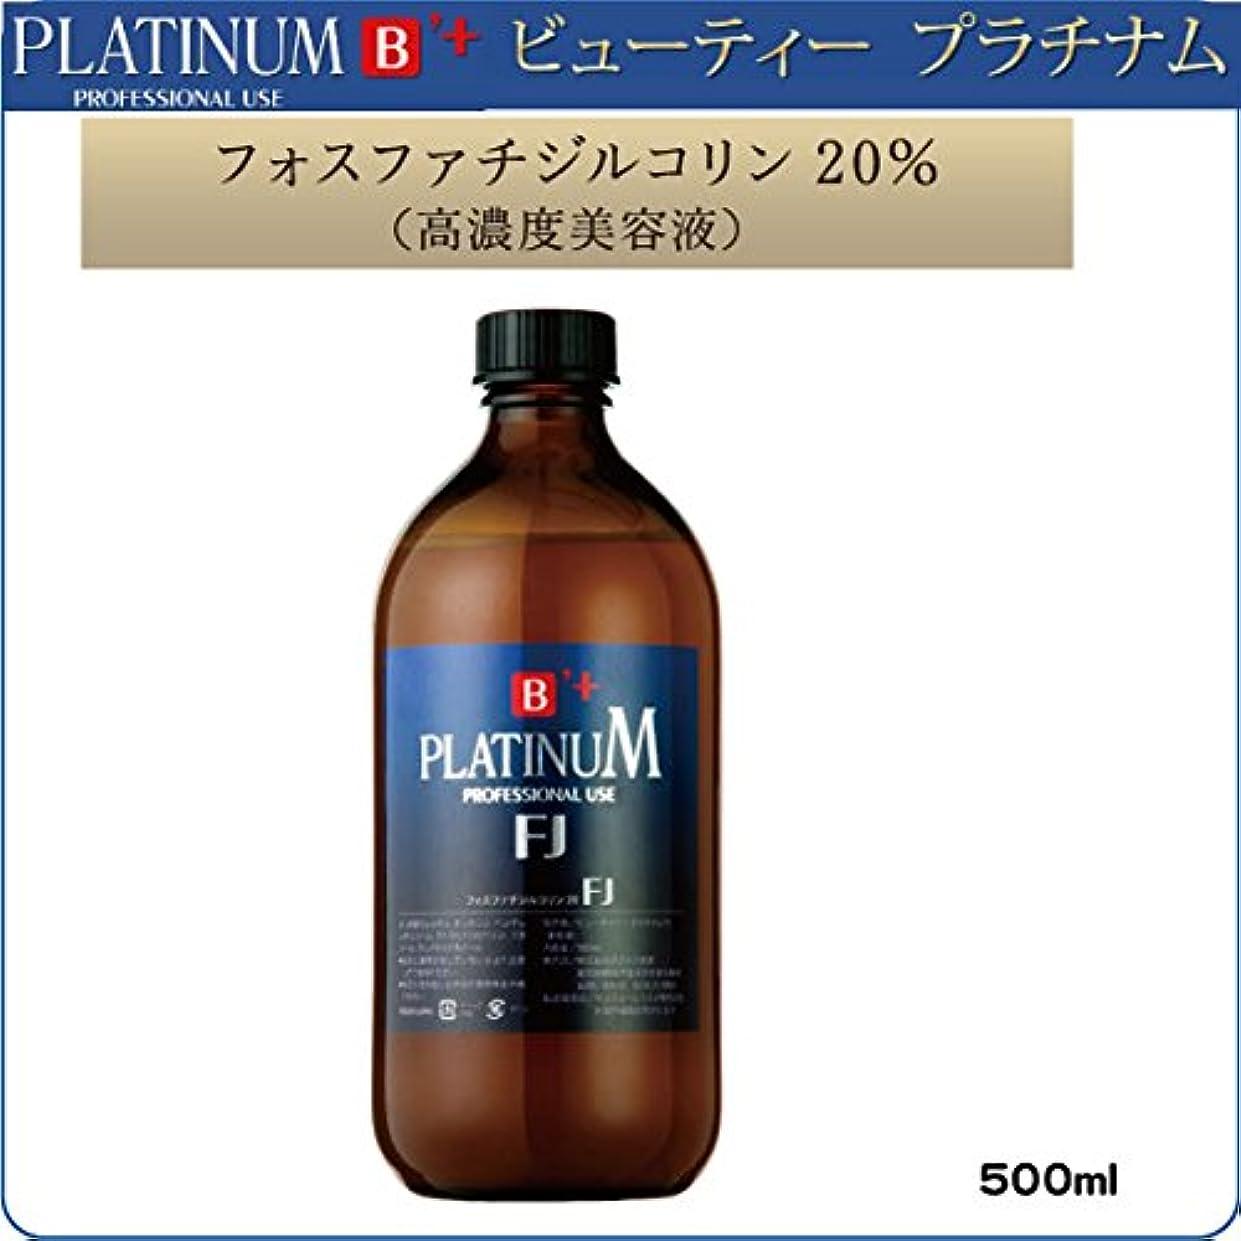 地理動詞共感する【ビューティー プラチナム】 PLATINUM B'+  フォスファチジルコリン20%高濃度美容液  痩身専用:500ml